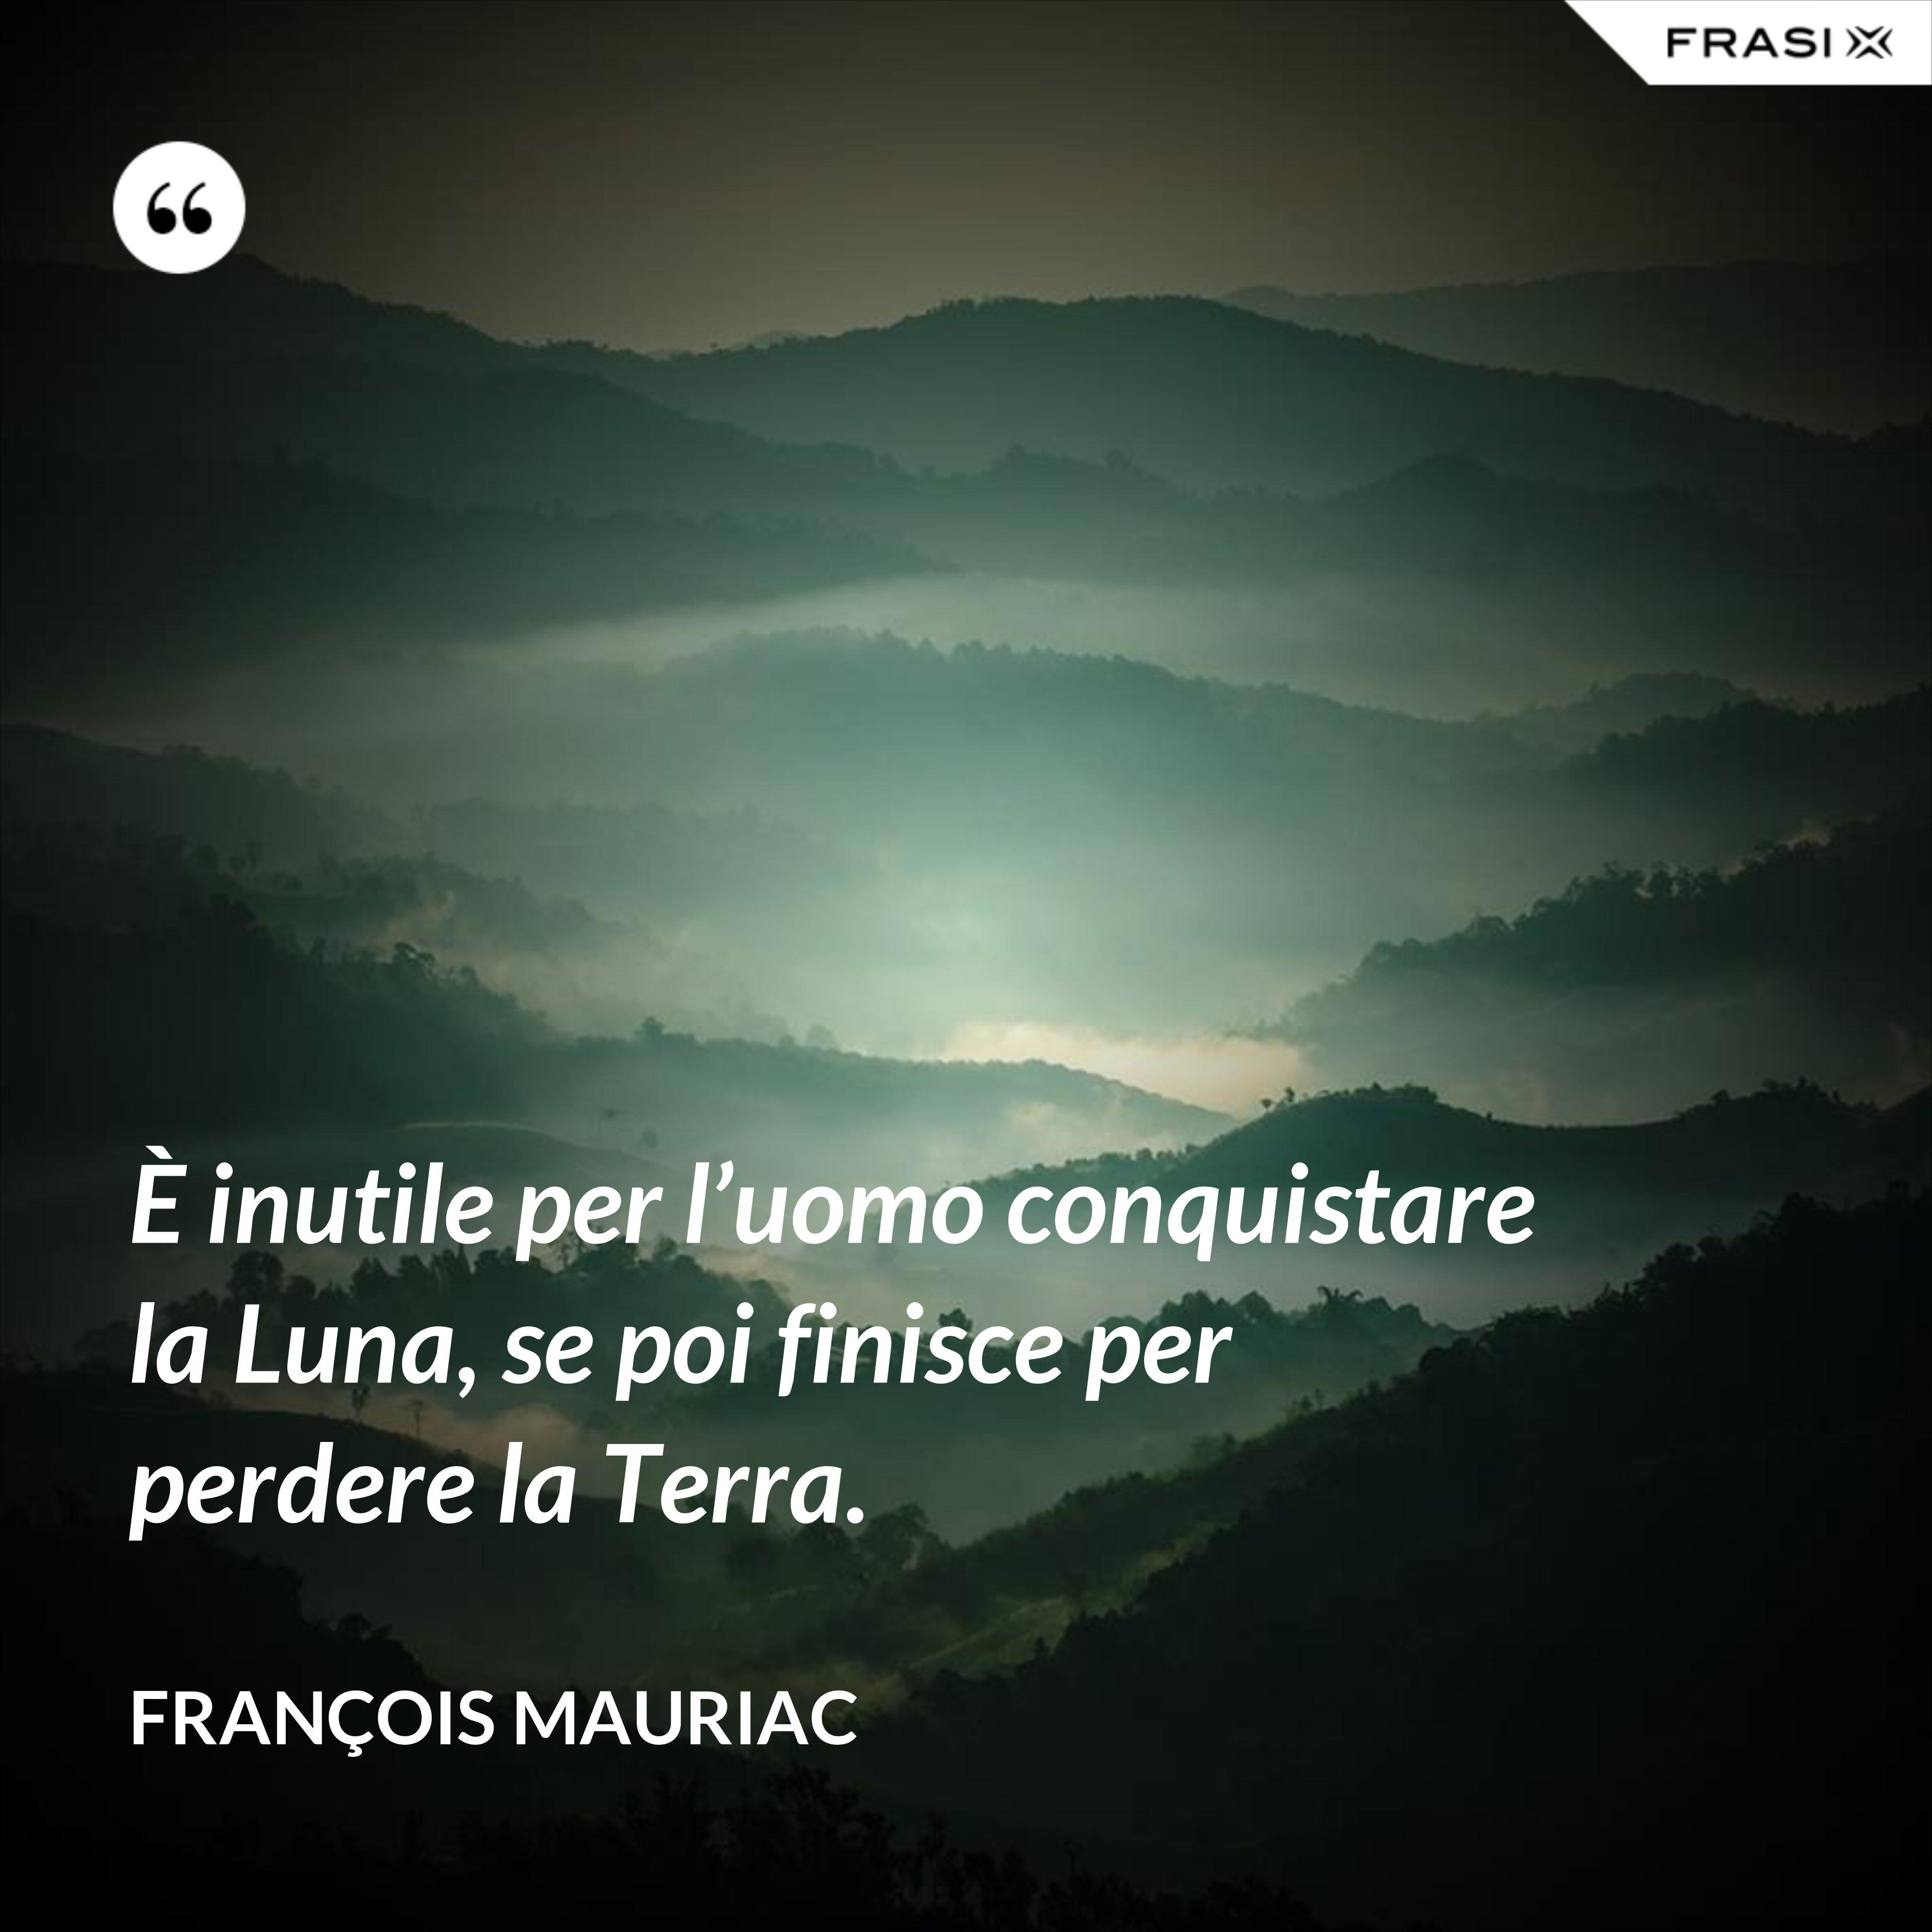 È inutile per l'uomo conquistare la Luna, se poi finisce per perdere la Terra. - François Mauriac